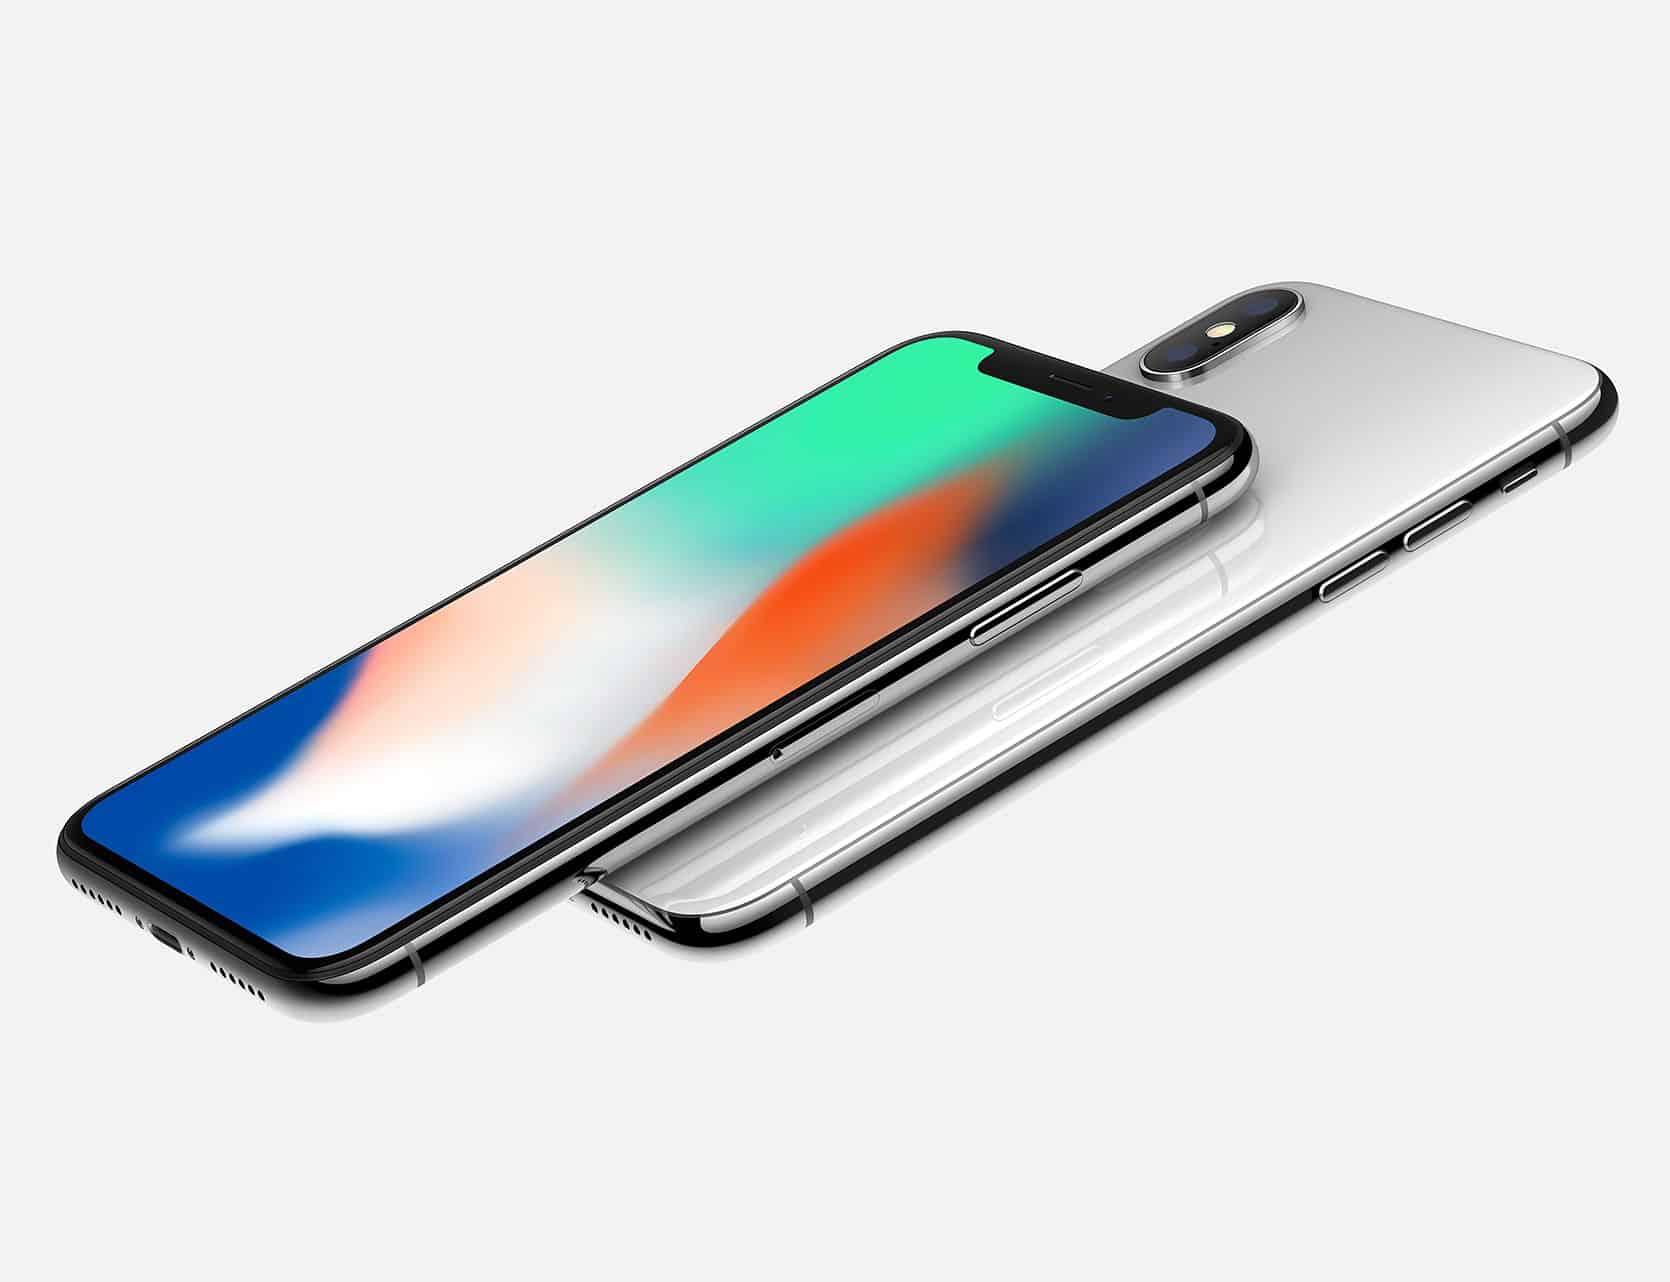 Apple anuncia iPhone 8 e iPhone 8 Plus; confira